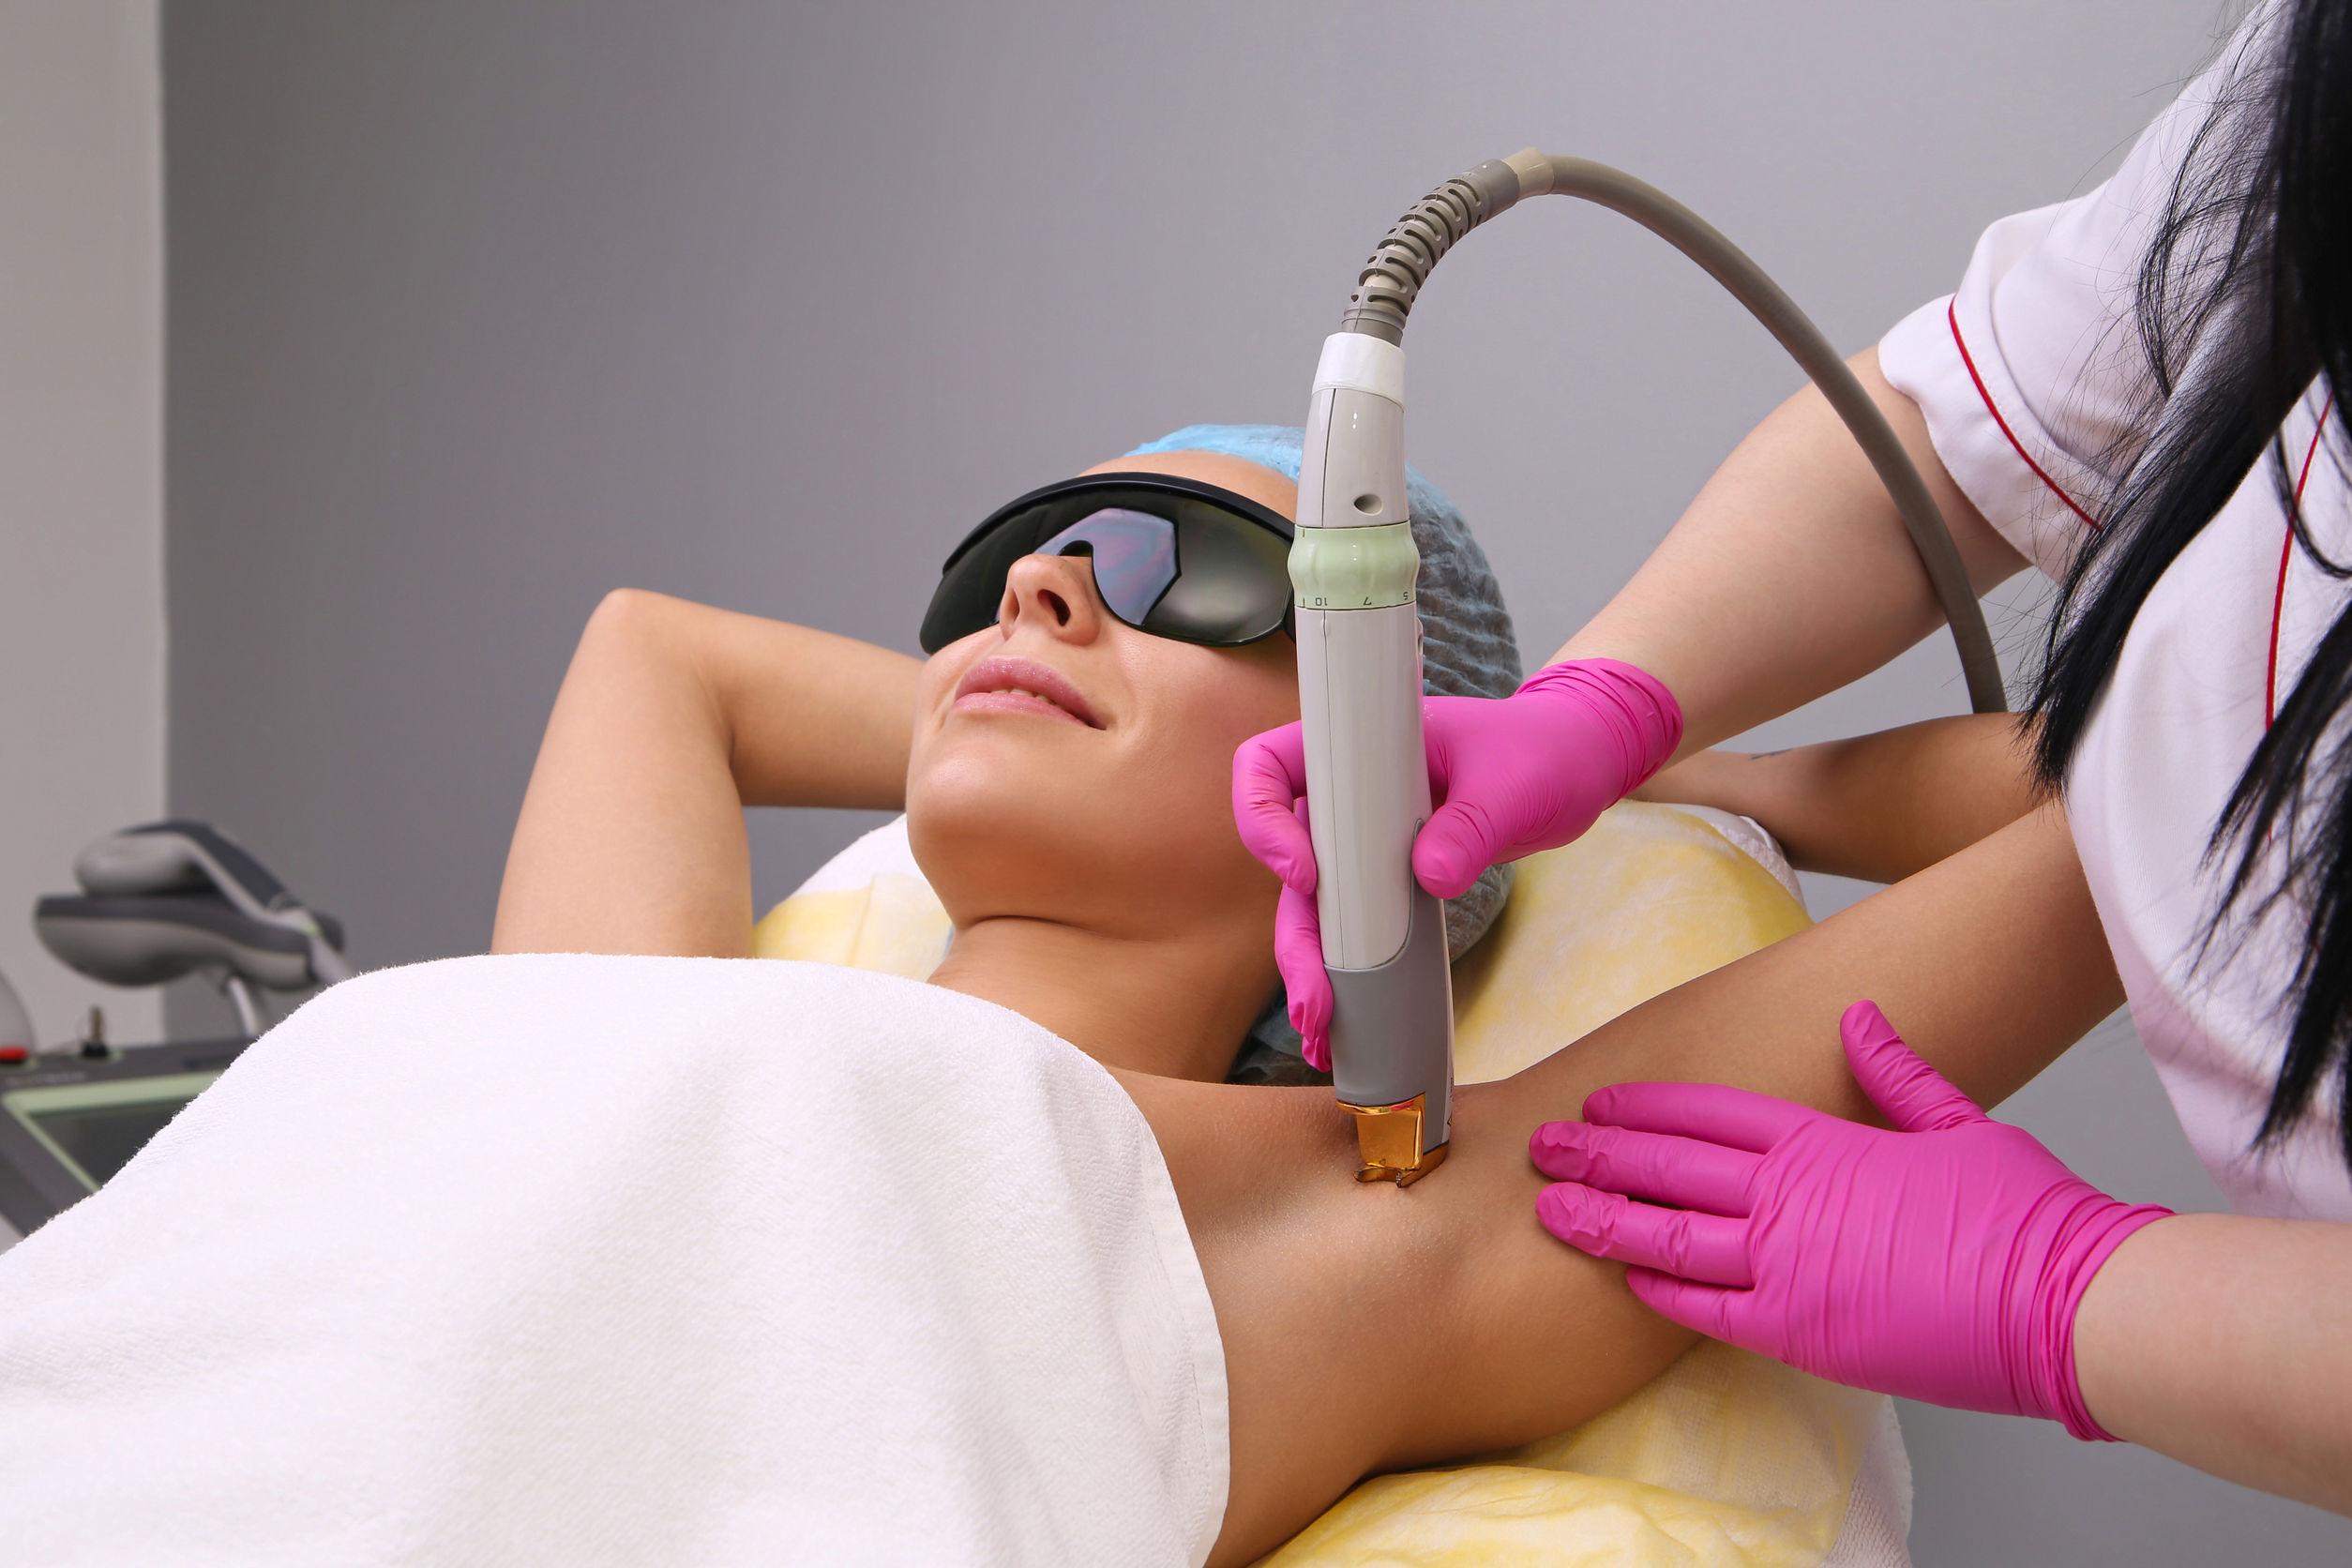 técnica a laser também é ensinada no curso de depilação